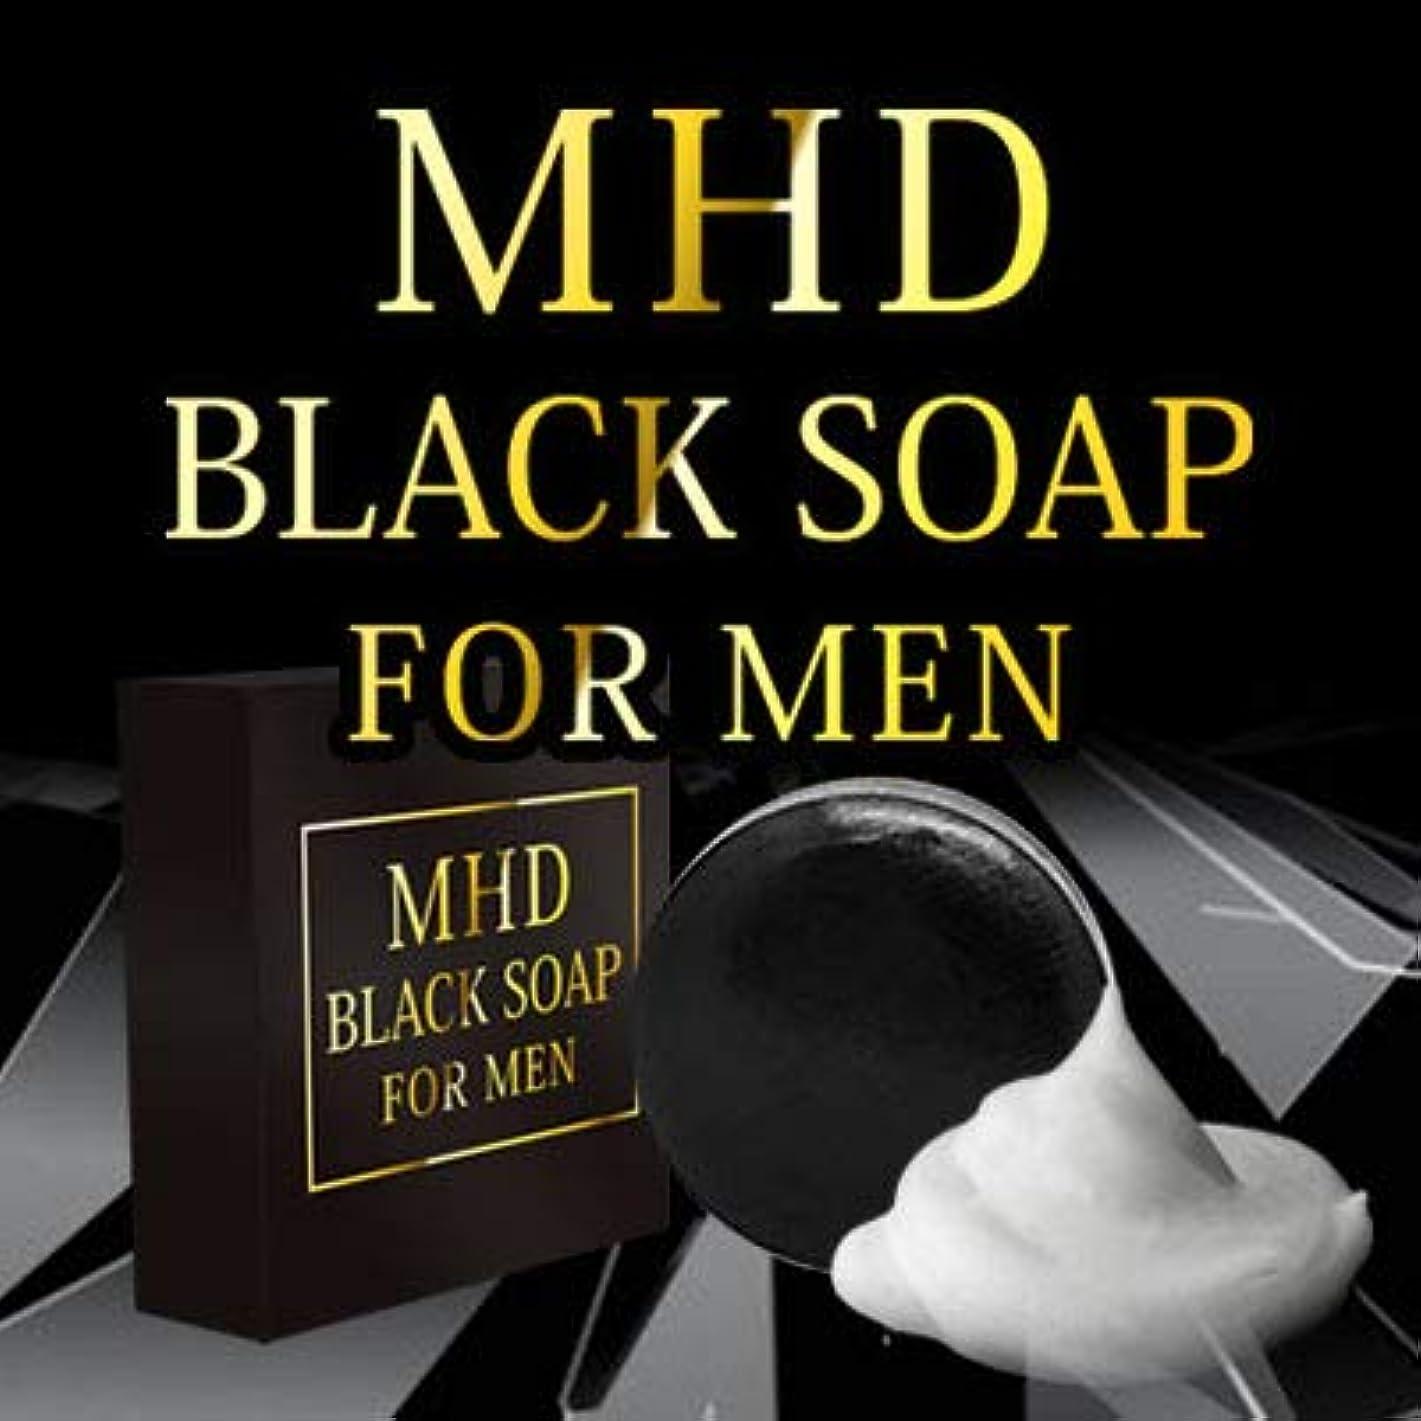 賛辞音楽を聴くバーベキューMHD石鹸(BLACK SOAP FOR MEN) メンズ用全身ソープ